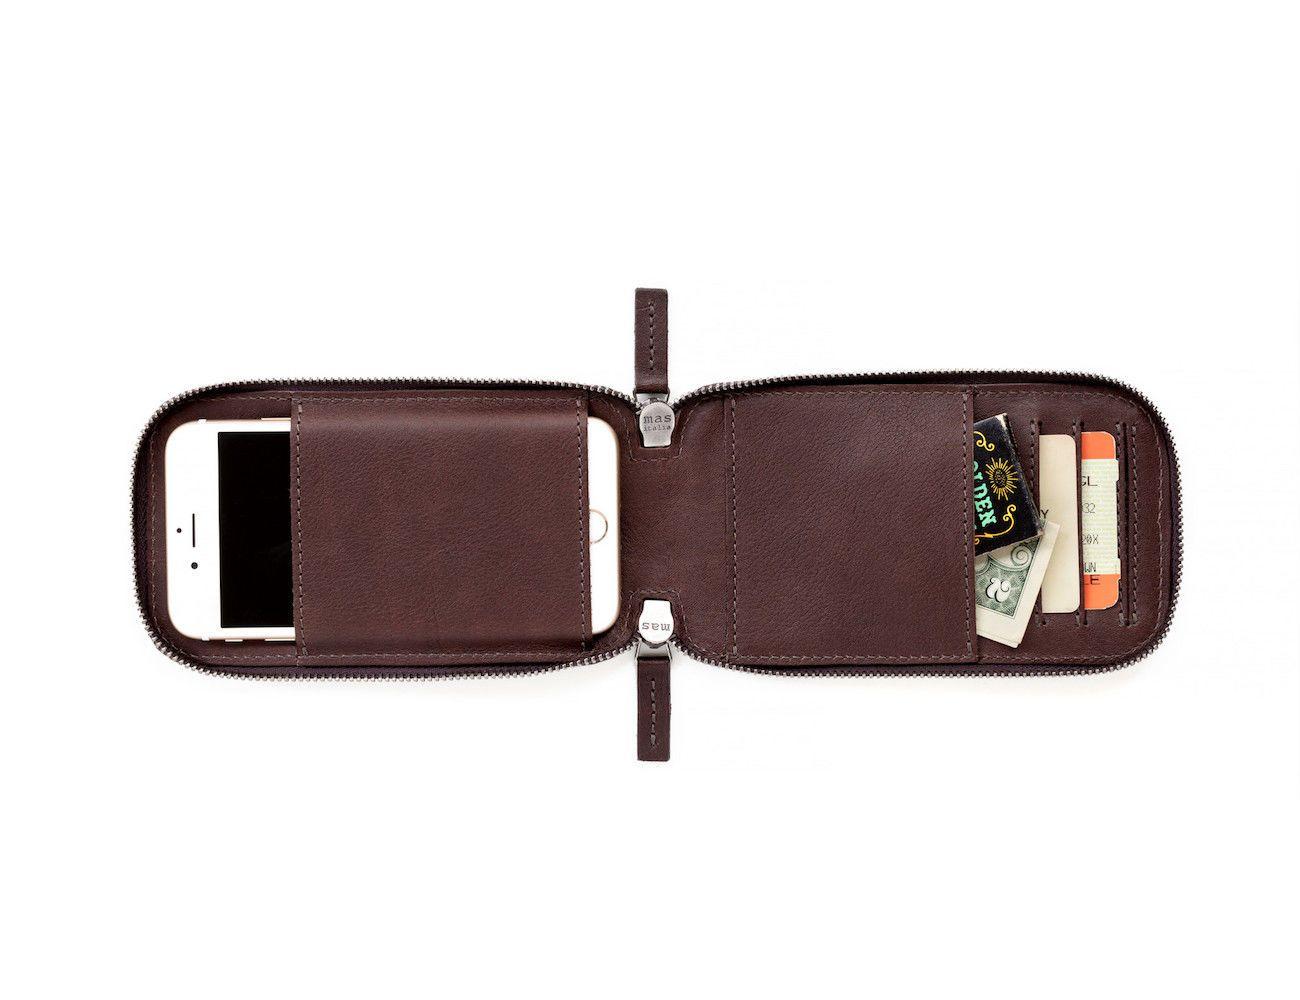 Stash Connoisseur iPhone Wallet